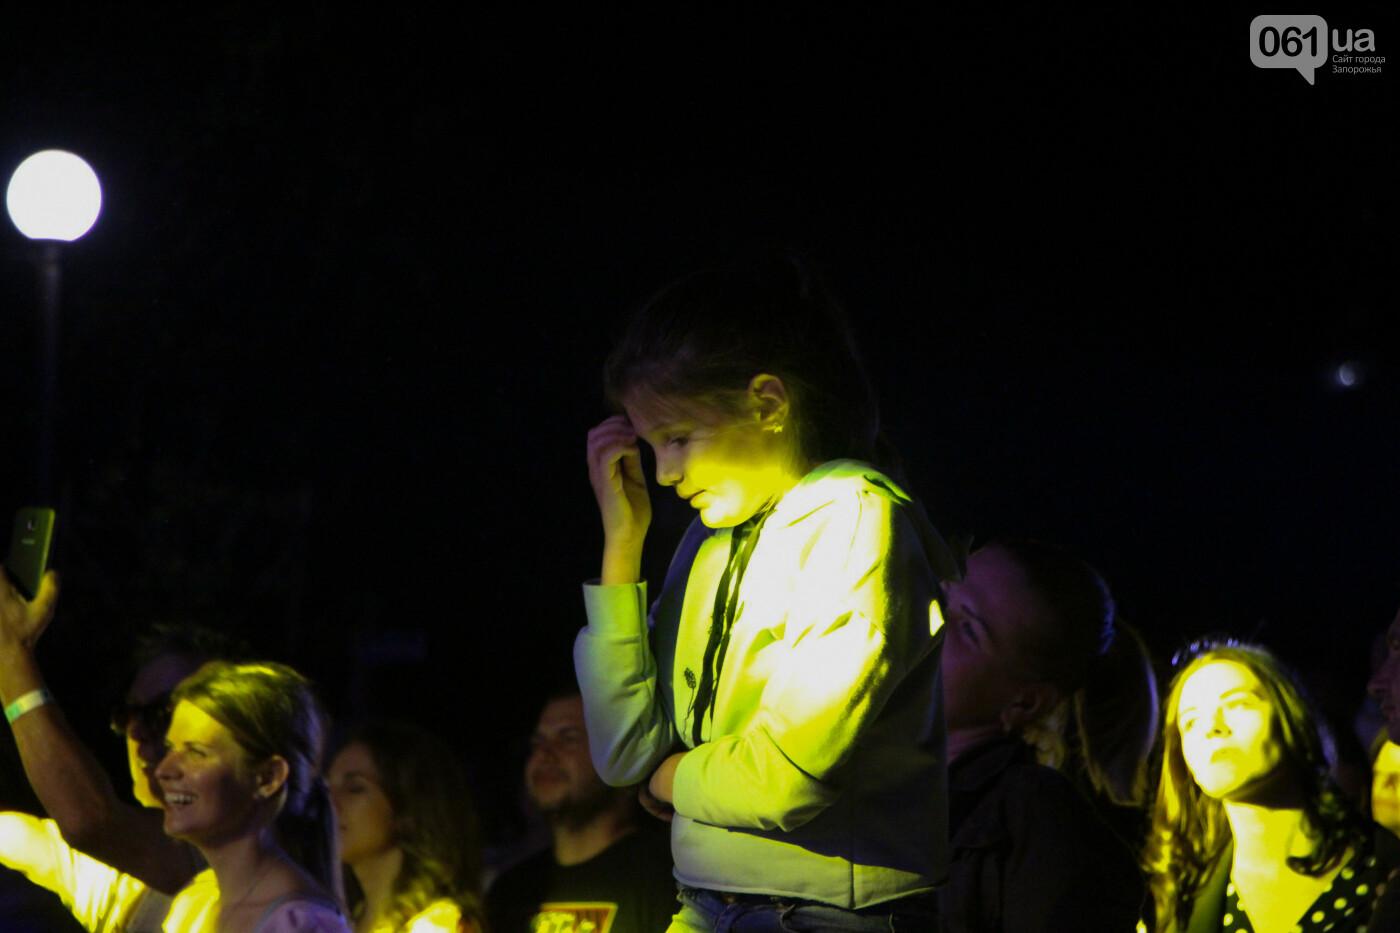 Концерт группы «Жадан і Собаки» собрал сотни запорожцев: как это было, - ФОТОРЕПОРТАЖ, фото-33